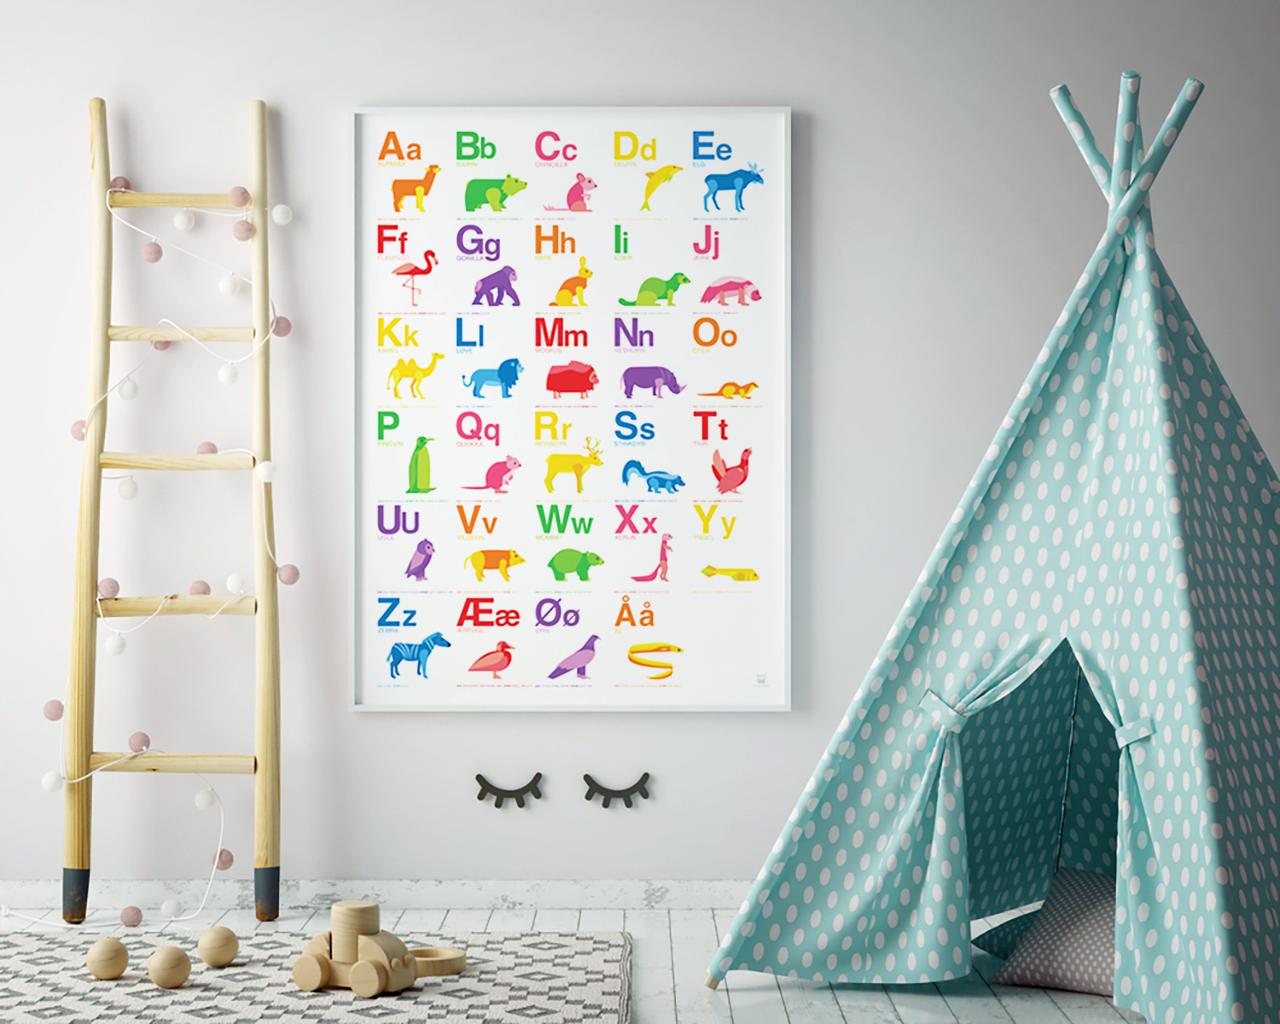 alfabetplakatfergerikstor.png